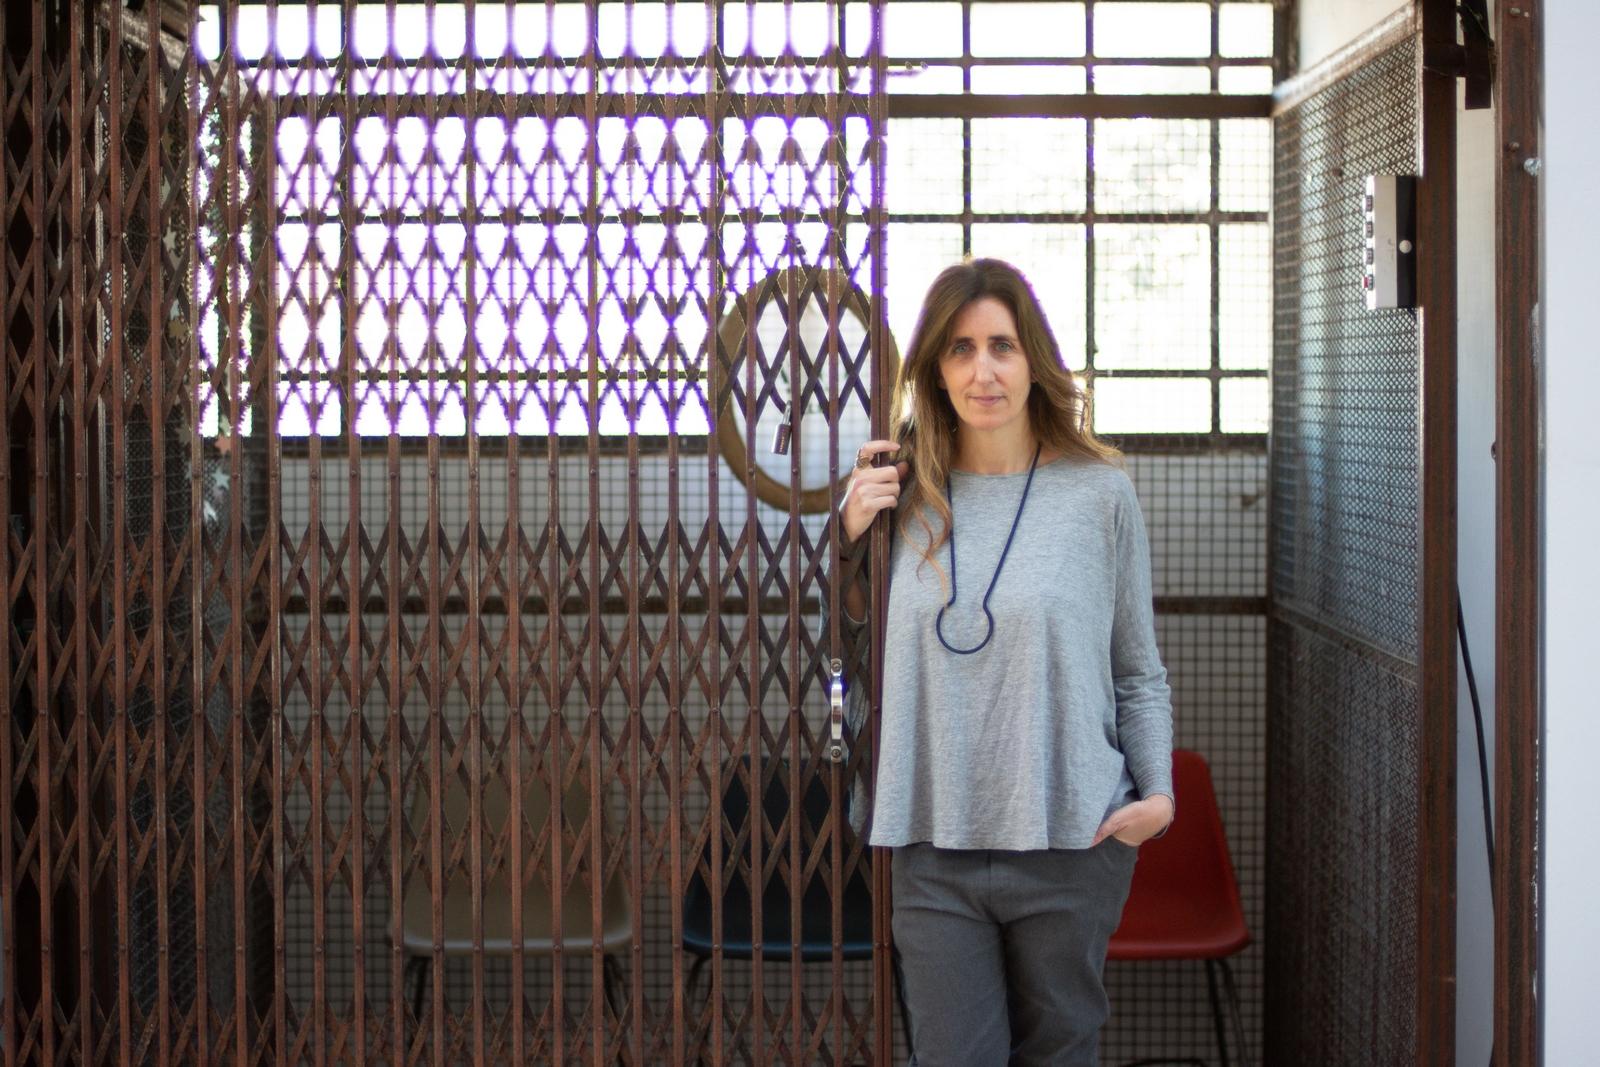 Lujan Cambariere, periodista y diseñadora que con su labor supera los límites de ambas disciplinas. Investiga el aspecto antropológico de la artesanía y del diseño, y lleva adelante diversos proyectos vinculados a la integración social.